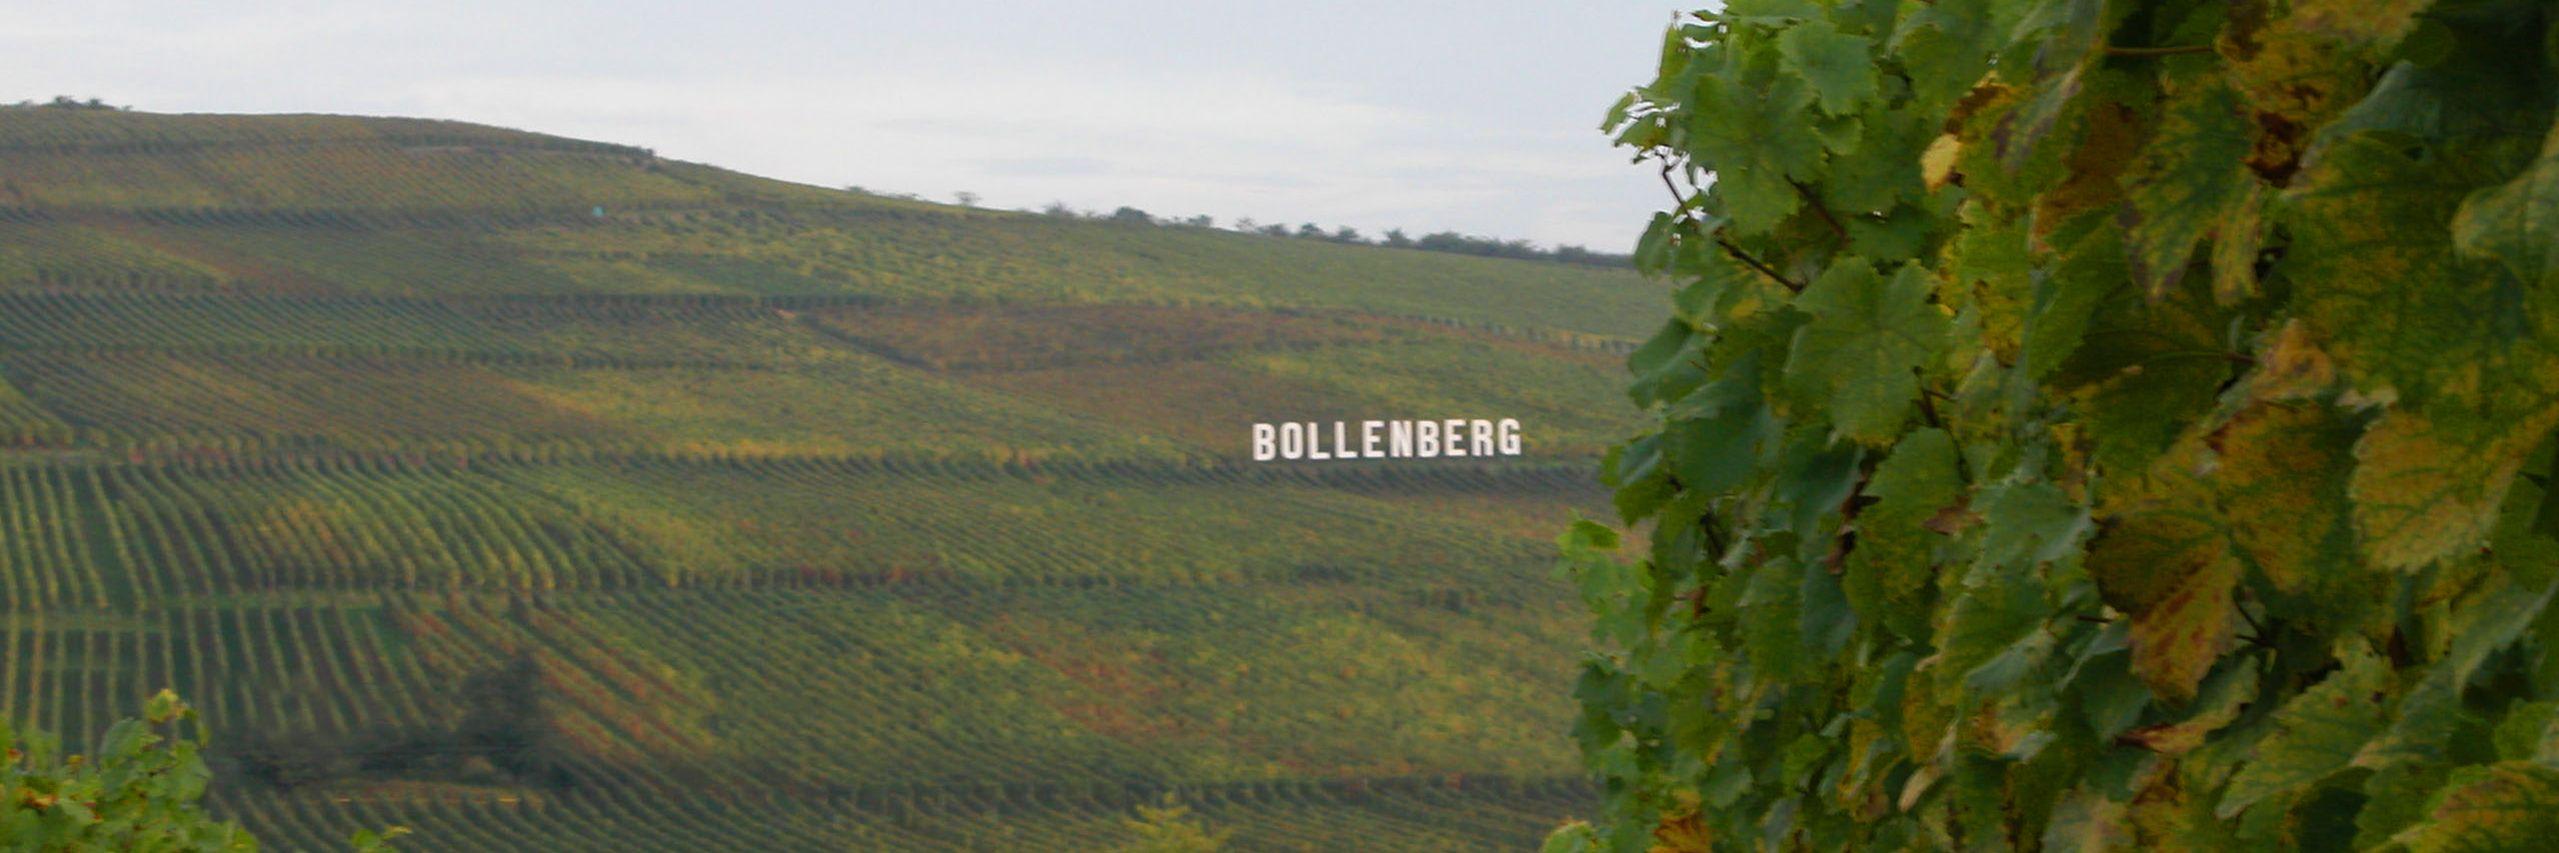 grand Cru Bollenberg Lucien Albrecht